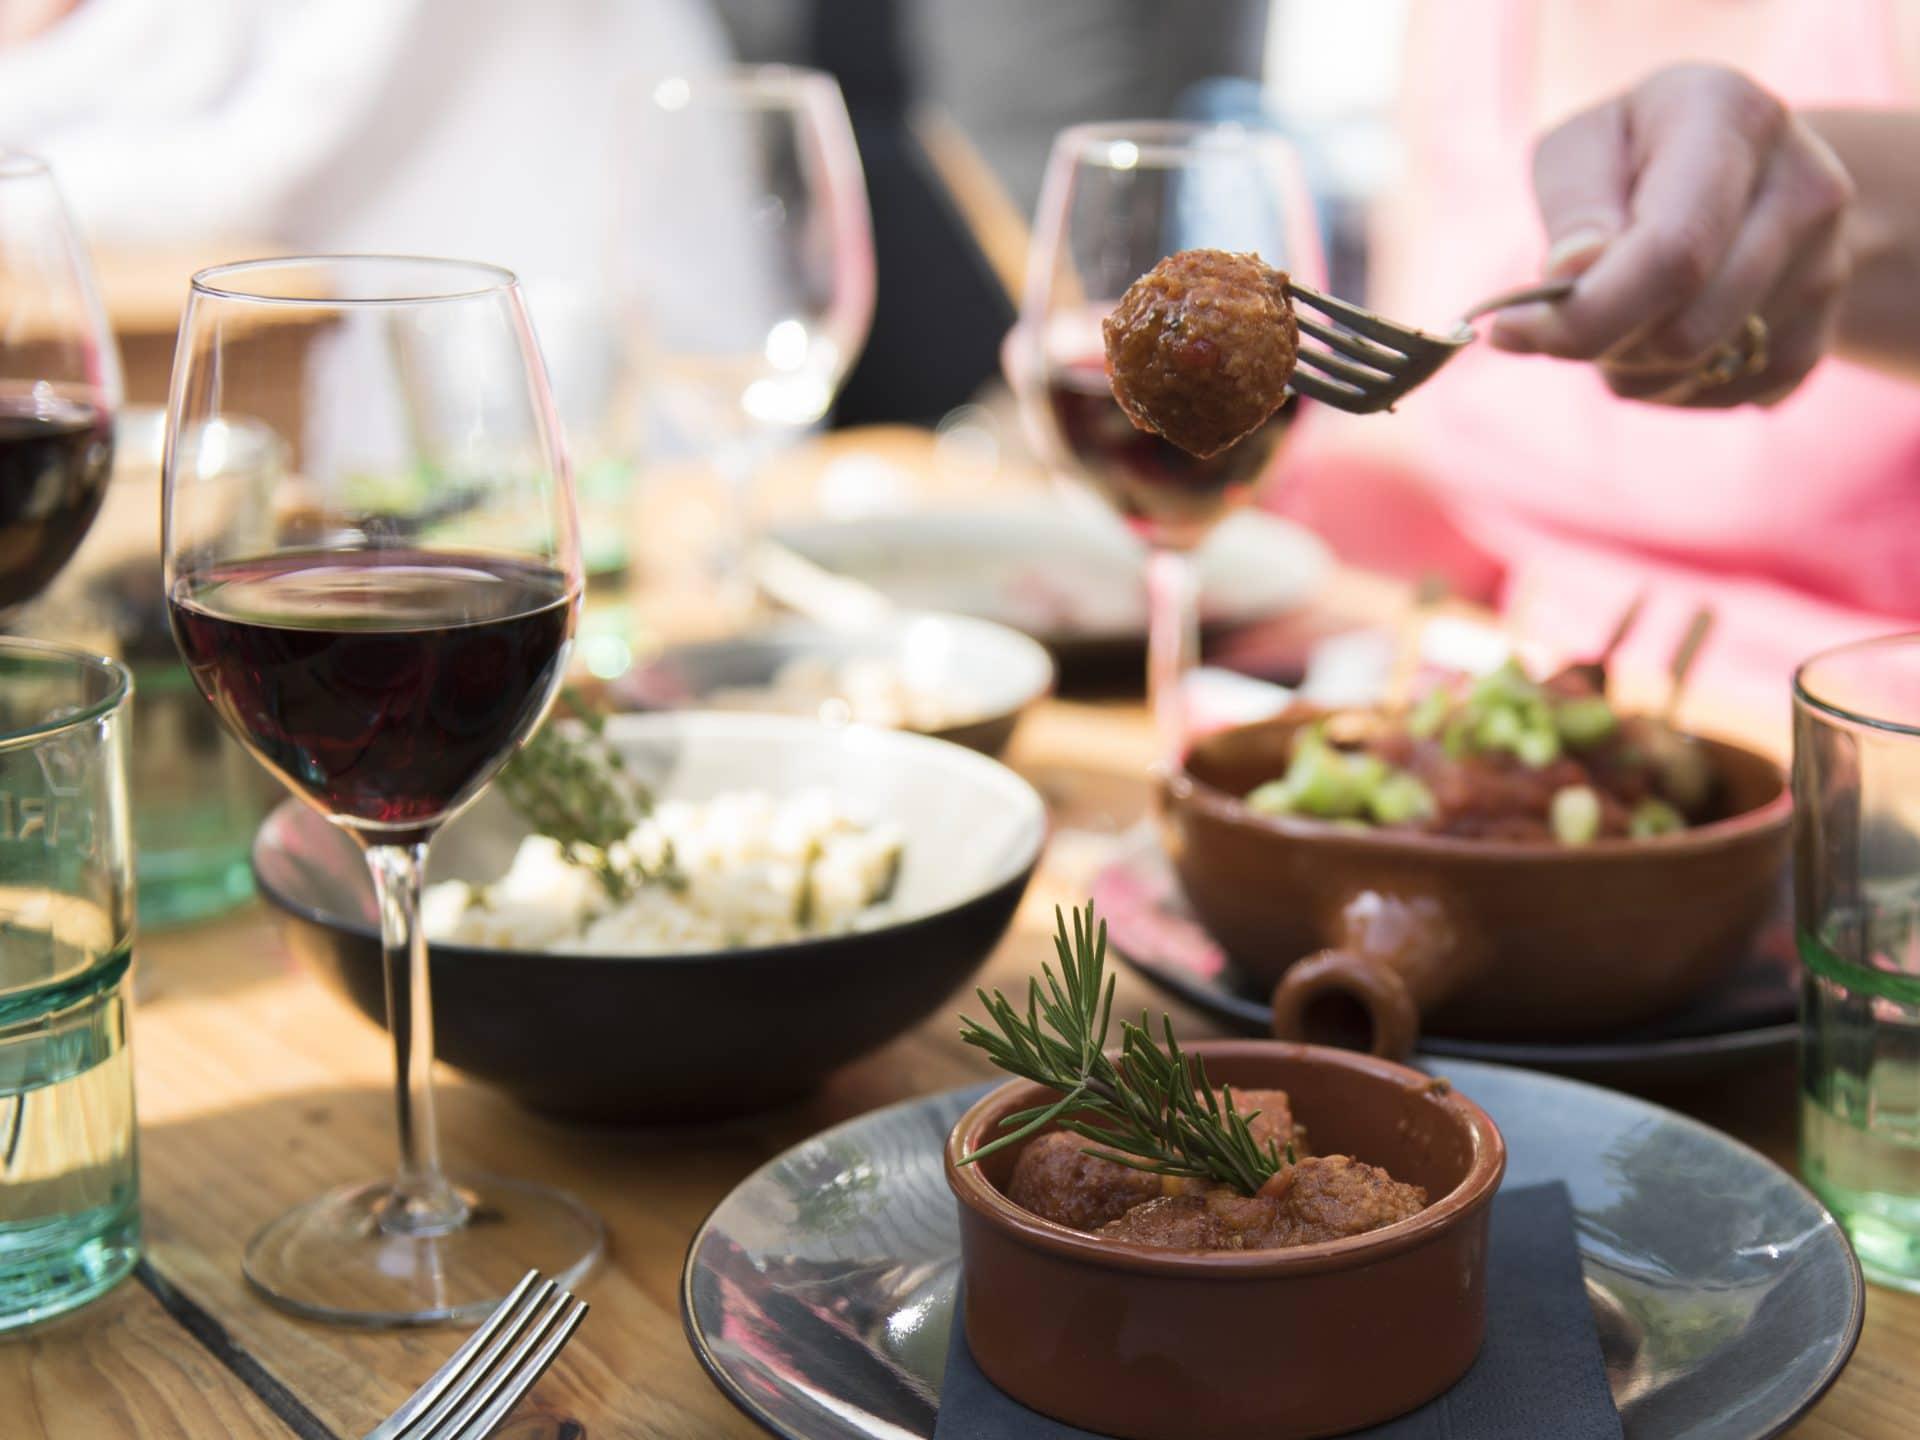 Tapas mediterraanse keuken